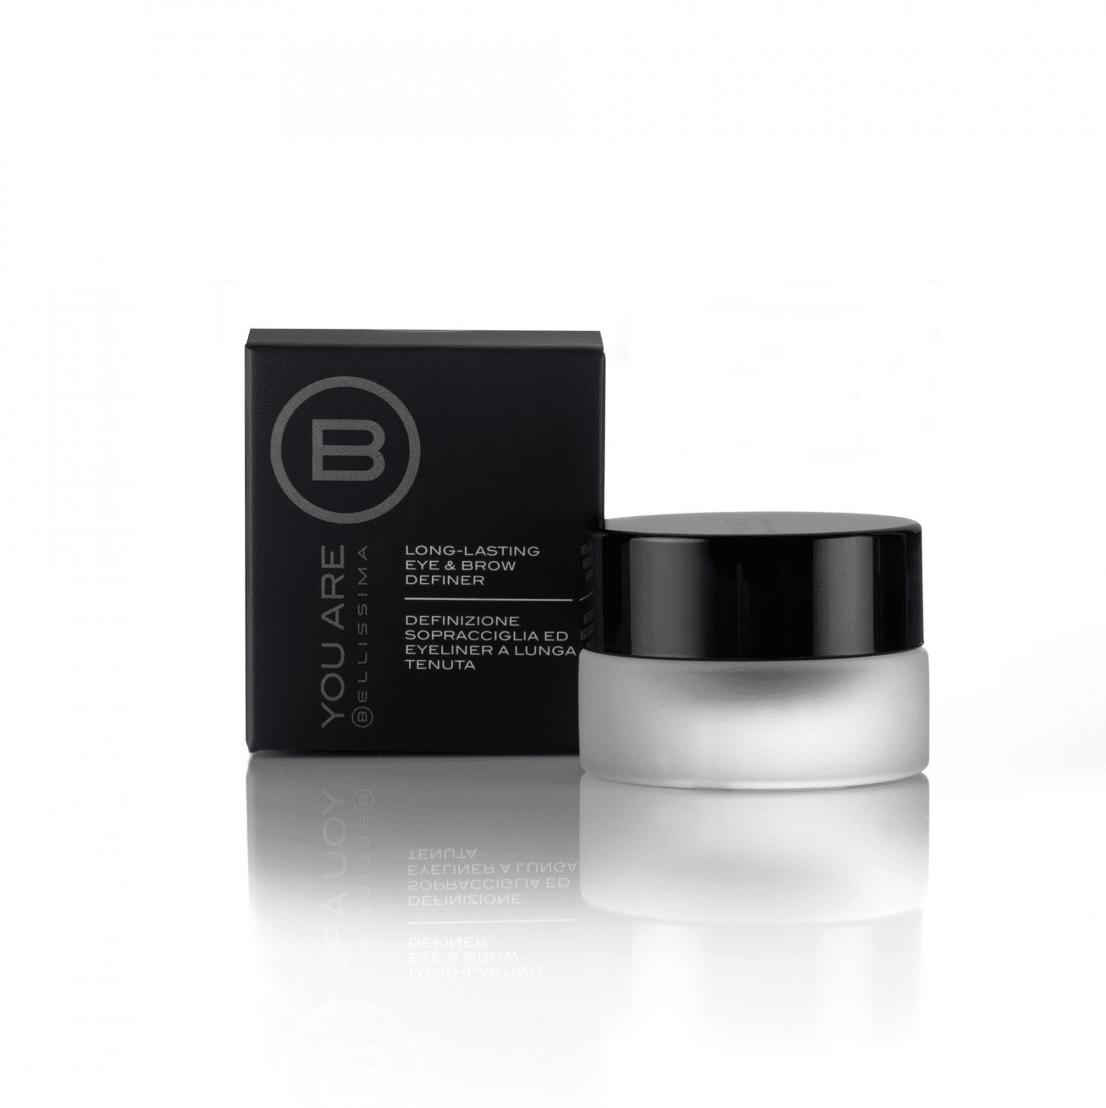 Sopracciglia ultra definite packaging You Are Bellissima